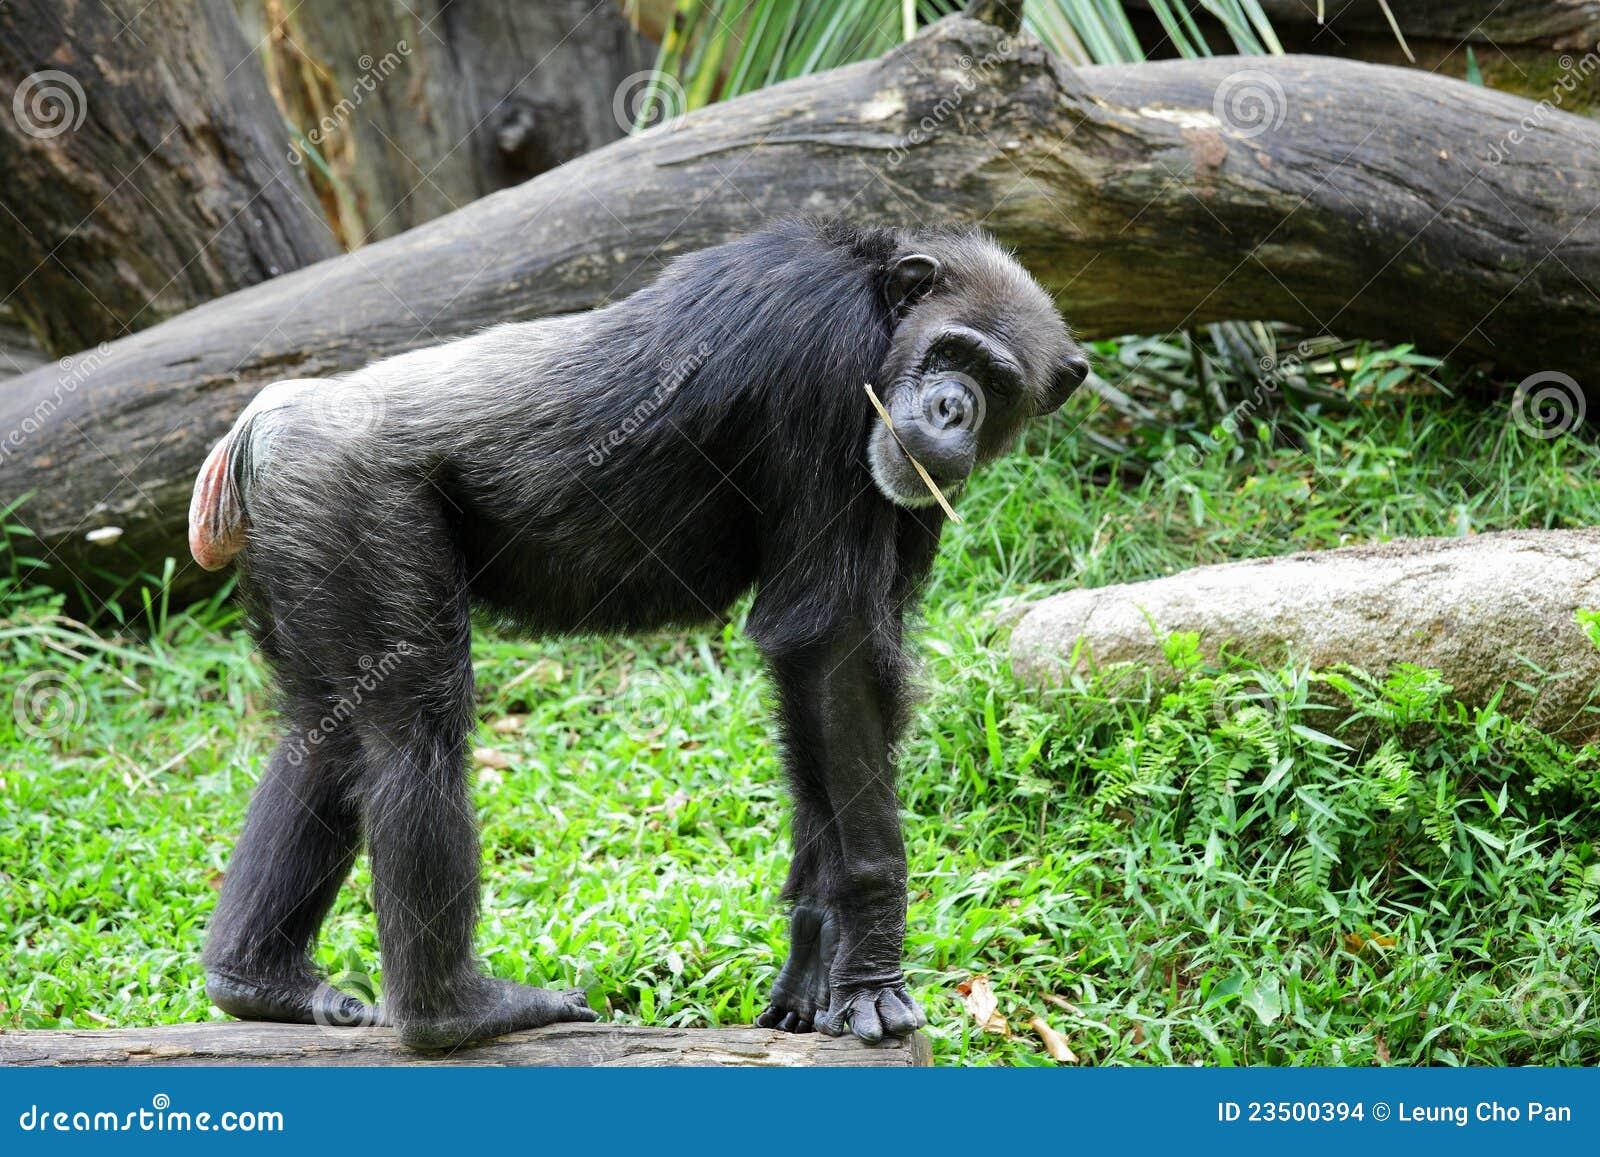 黑猩猩伸手表情包分享展示图片